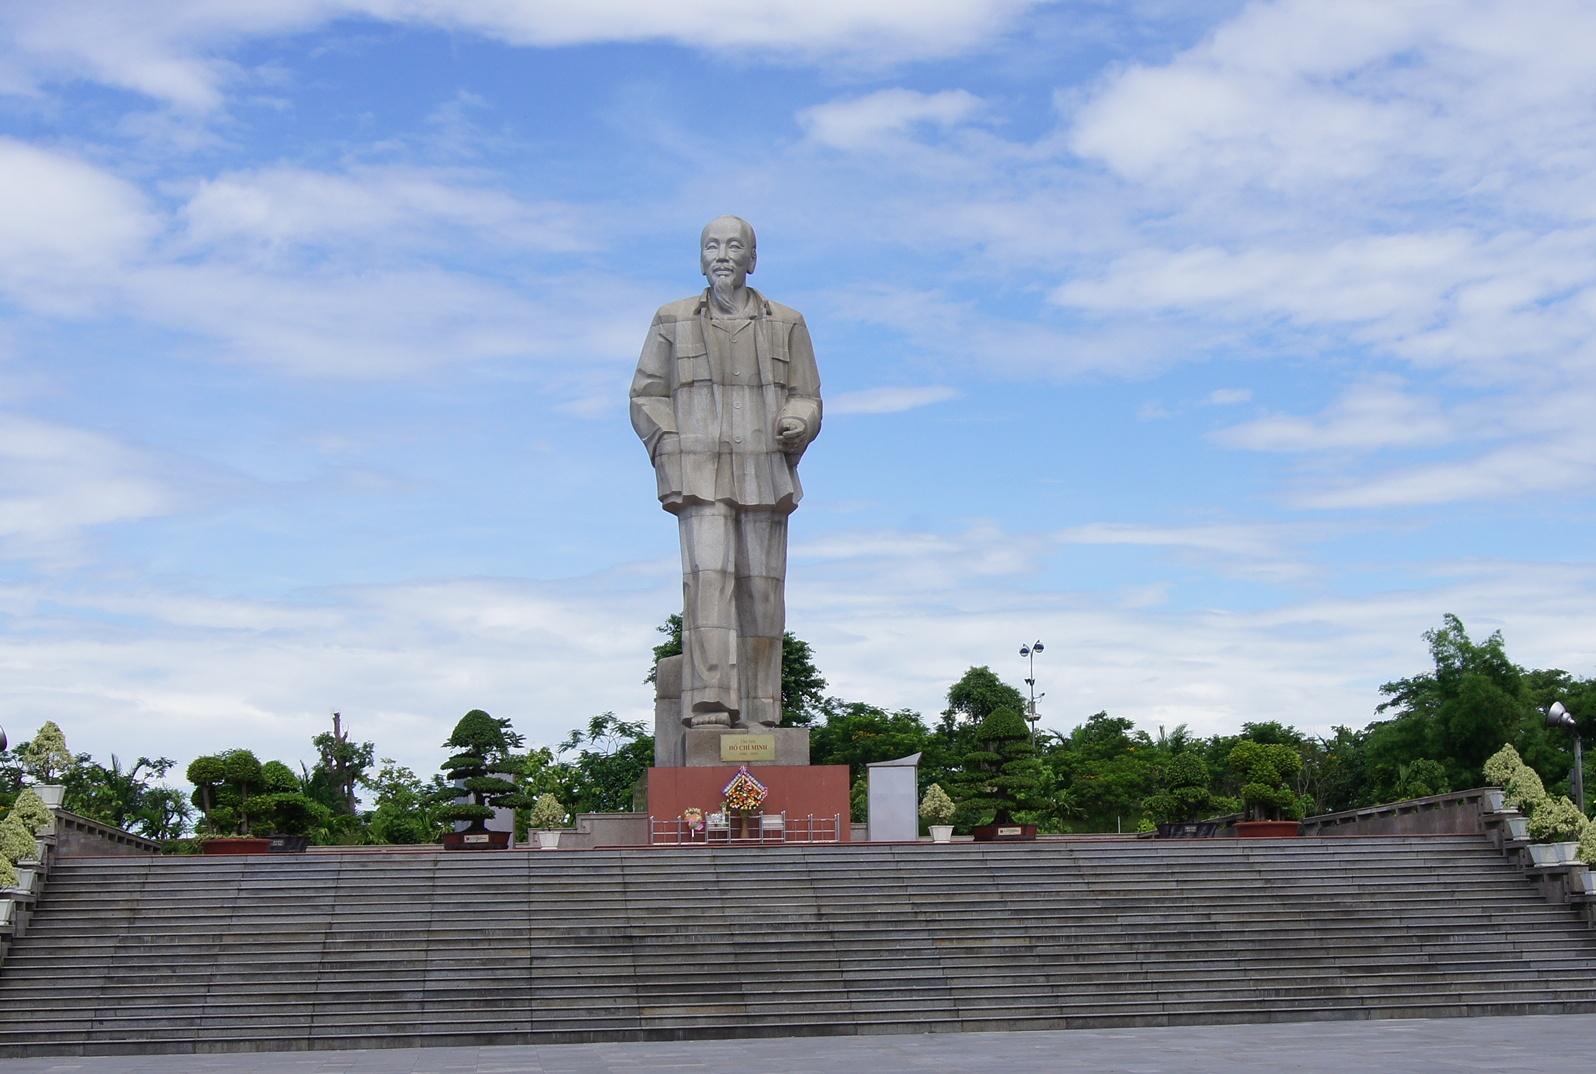 Bán nhớt Castrol giá rẻ tại Nghệ An